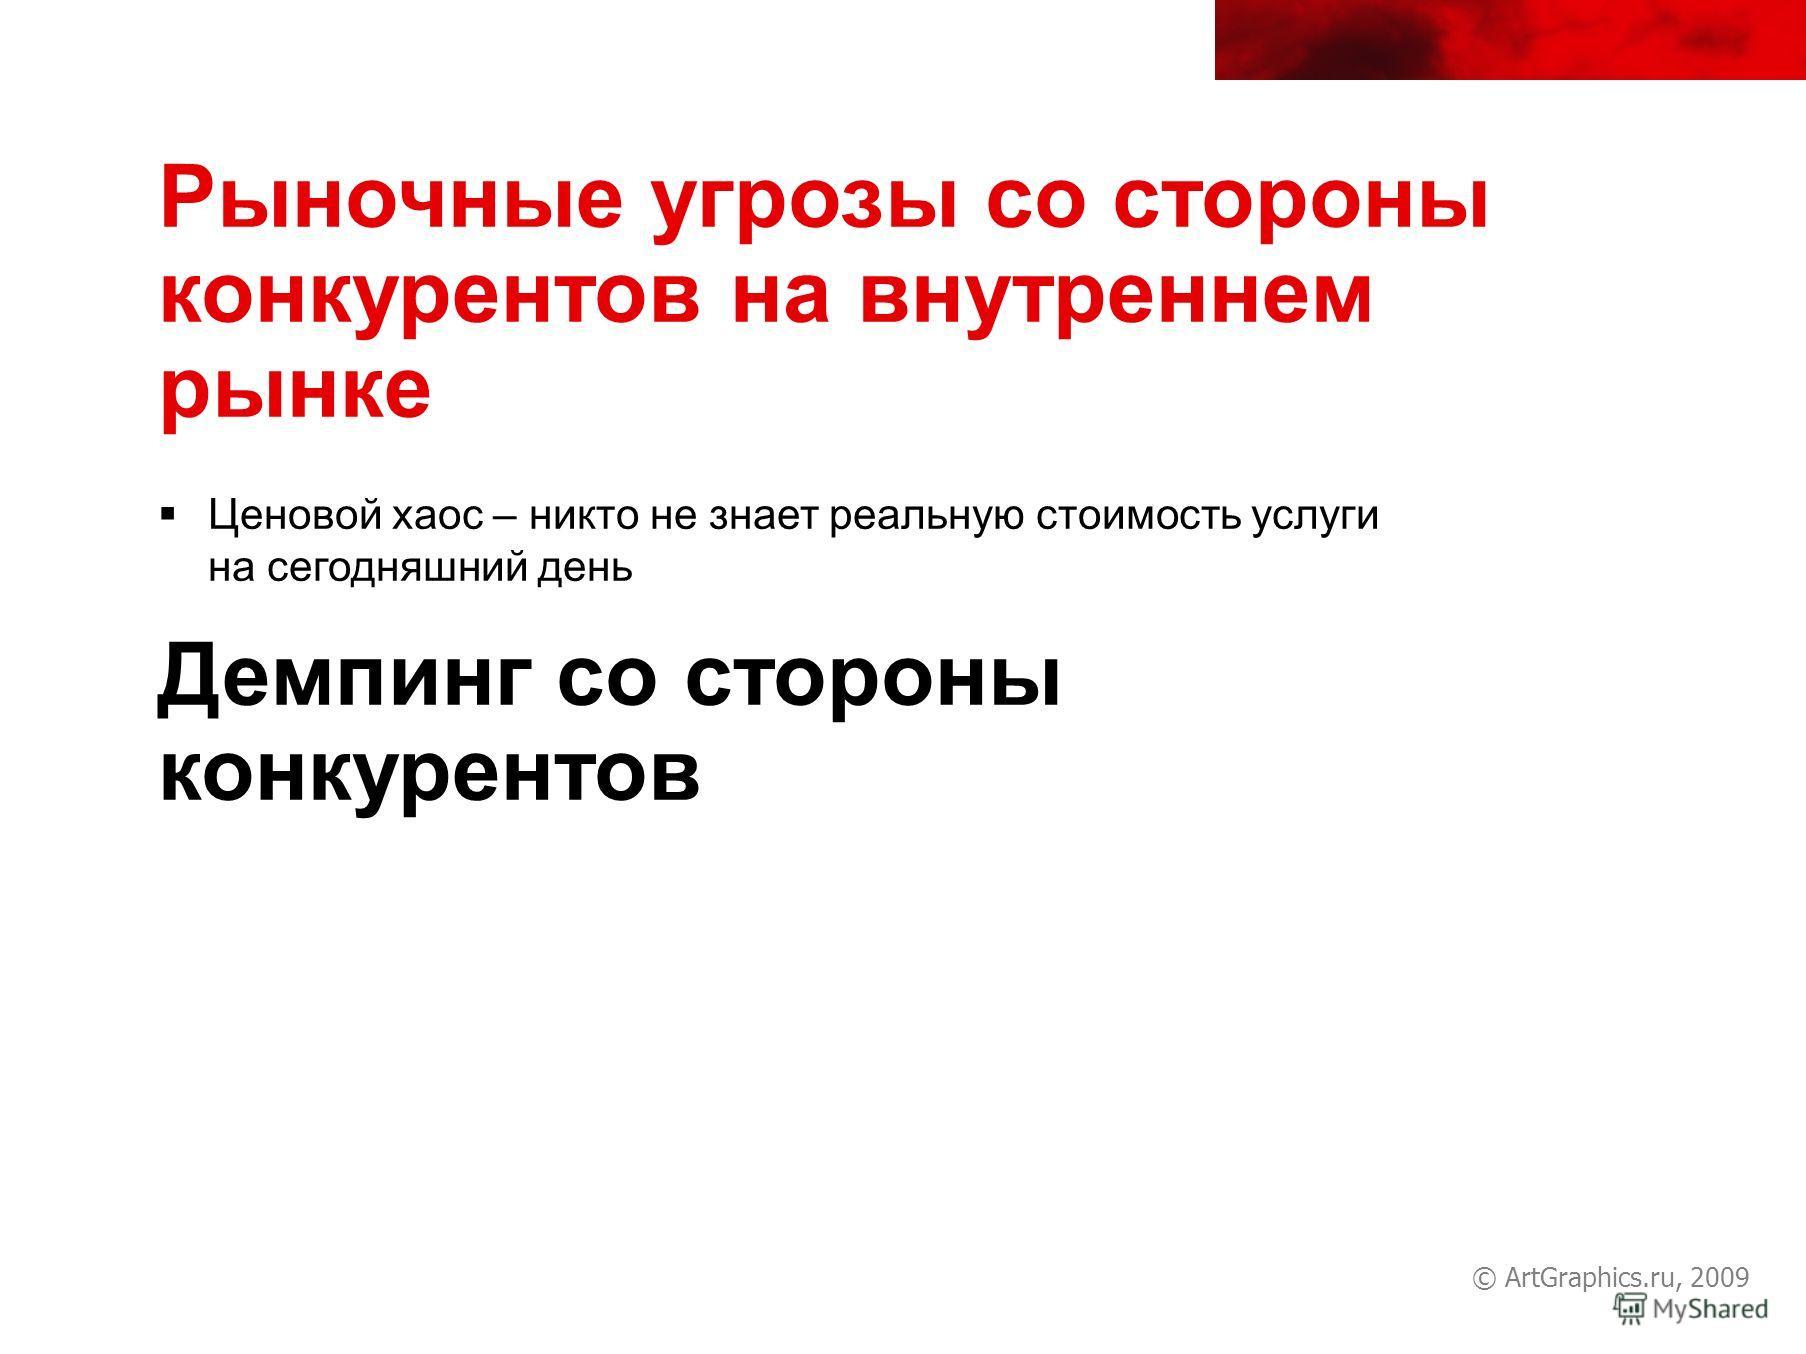 © ArtGraphics.ru, 2009 Рыночные угрозы со стороны конкурентов на внутреннем рынке Ценовой хаос – никто не знает реальную стоимость услуги на сегодняшний день Демпинг со стороны конкурентов